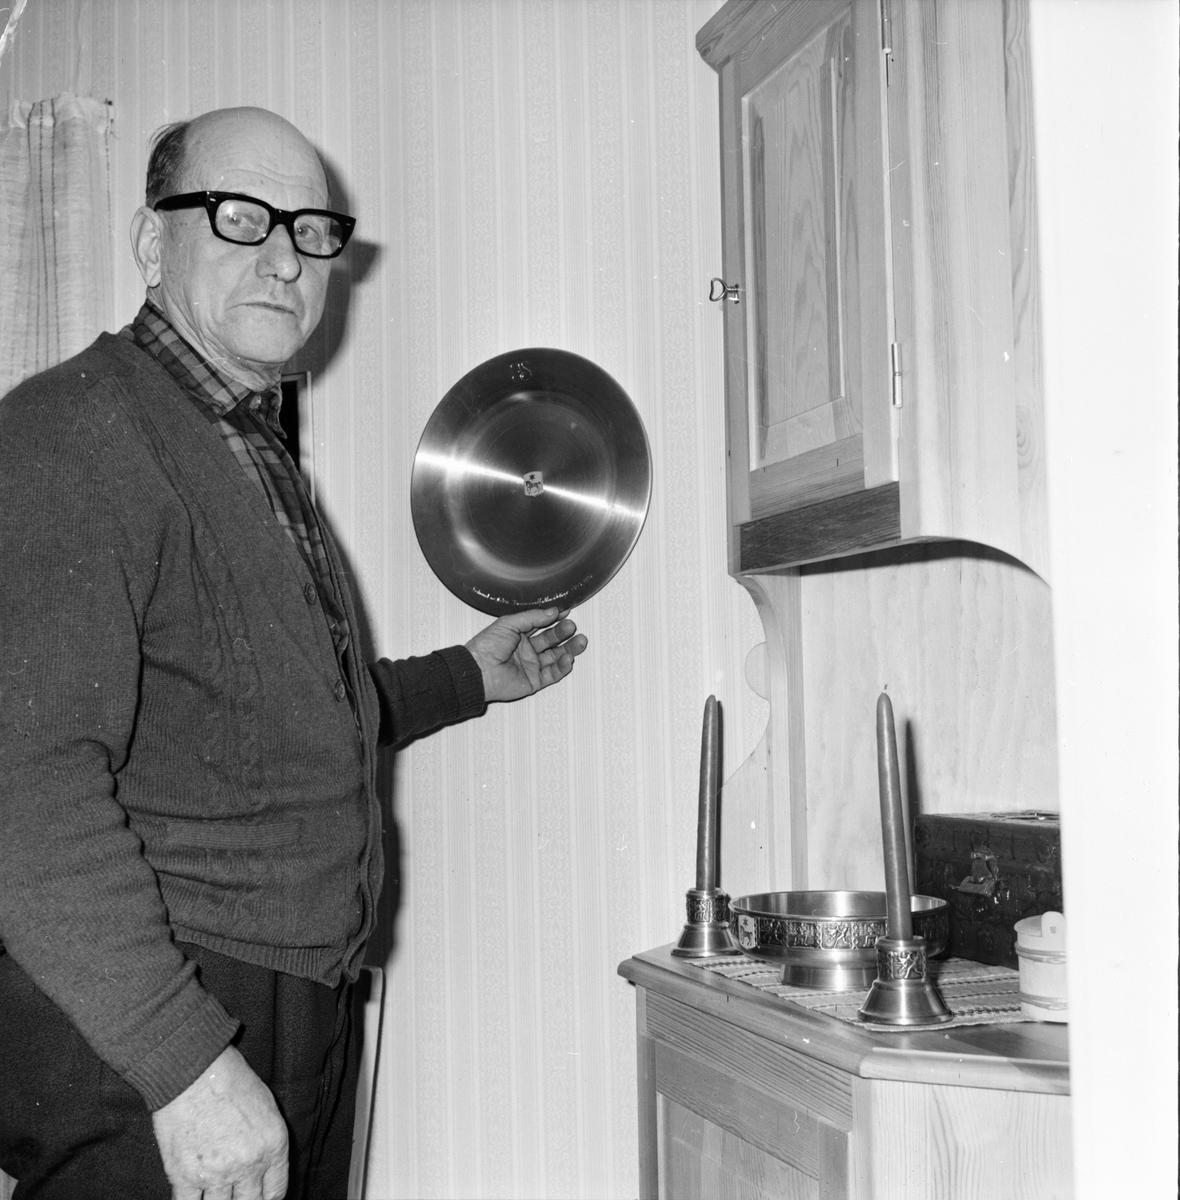 Nordsjö, Johan Söderman, Jan 1971